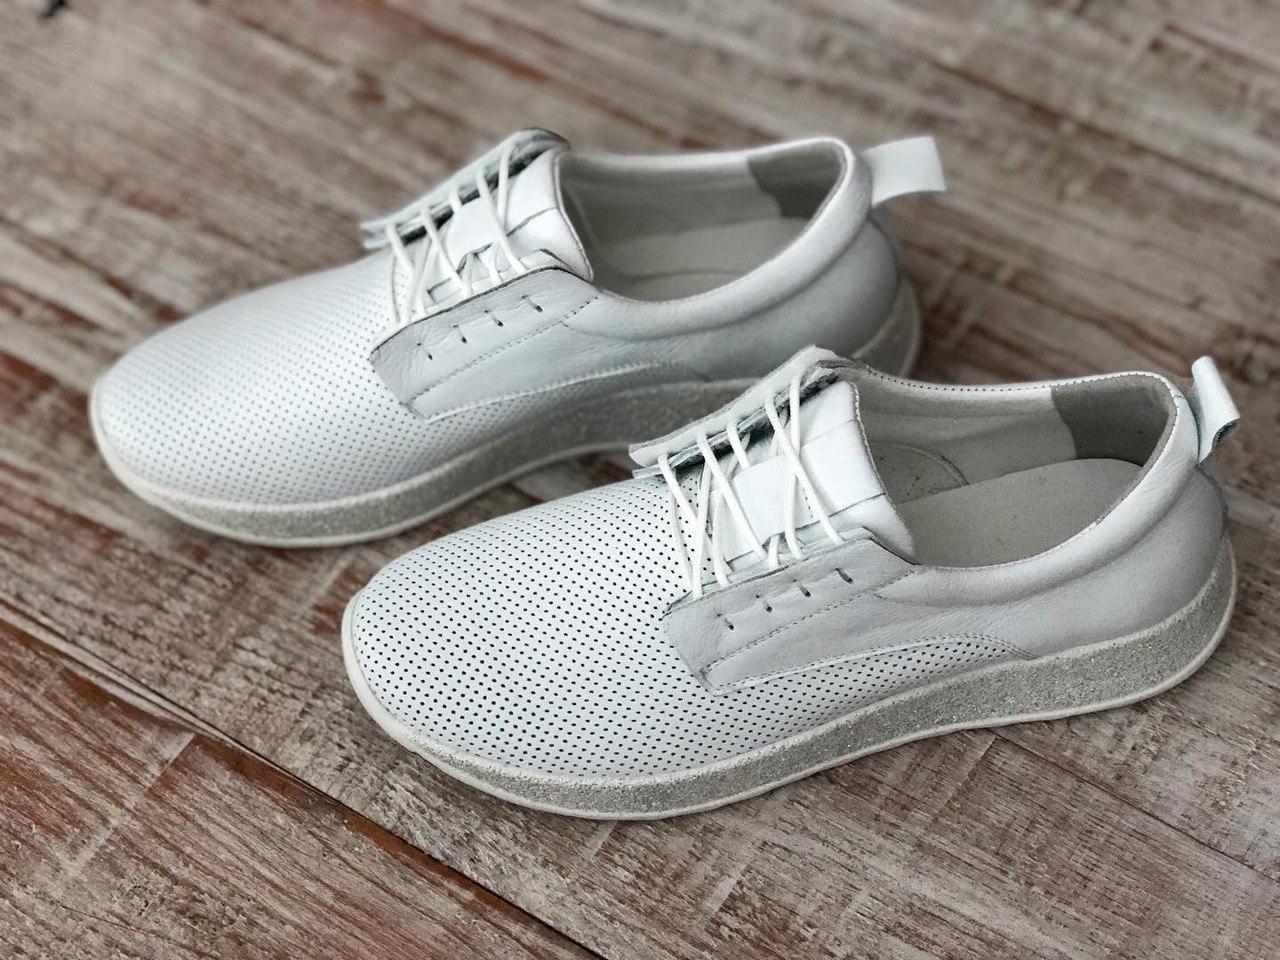 Кожаные женские кроссовки Miluchi 1695б размеры 36,37,38,39,40,41